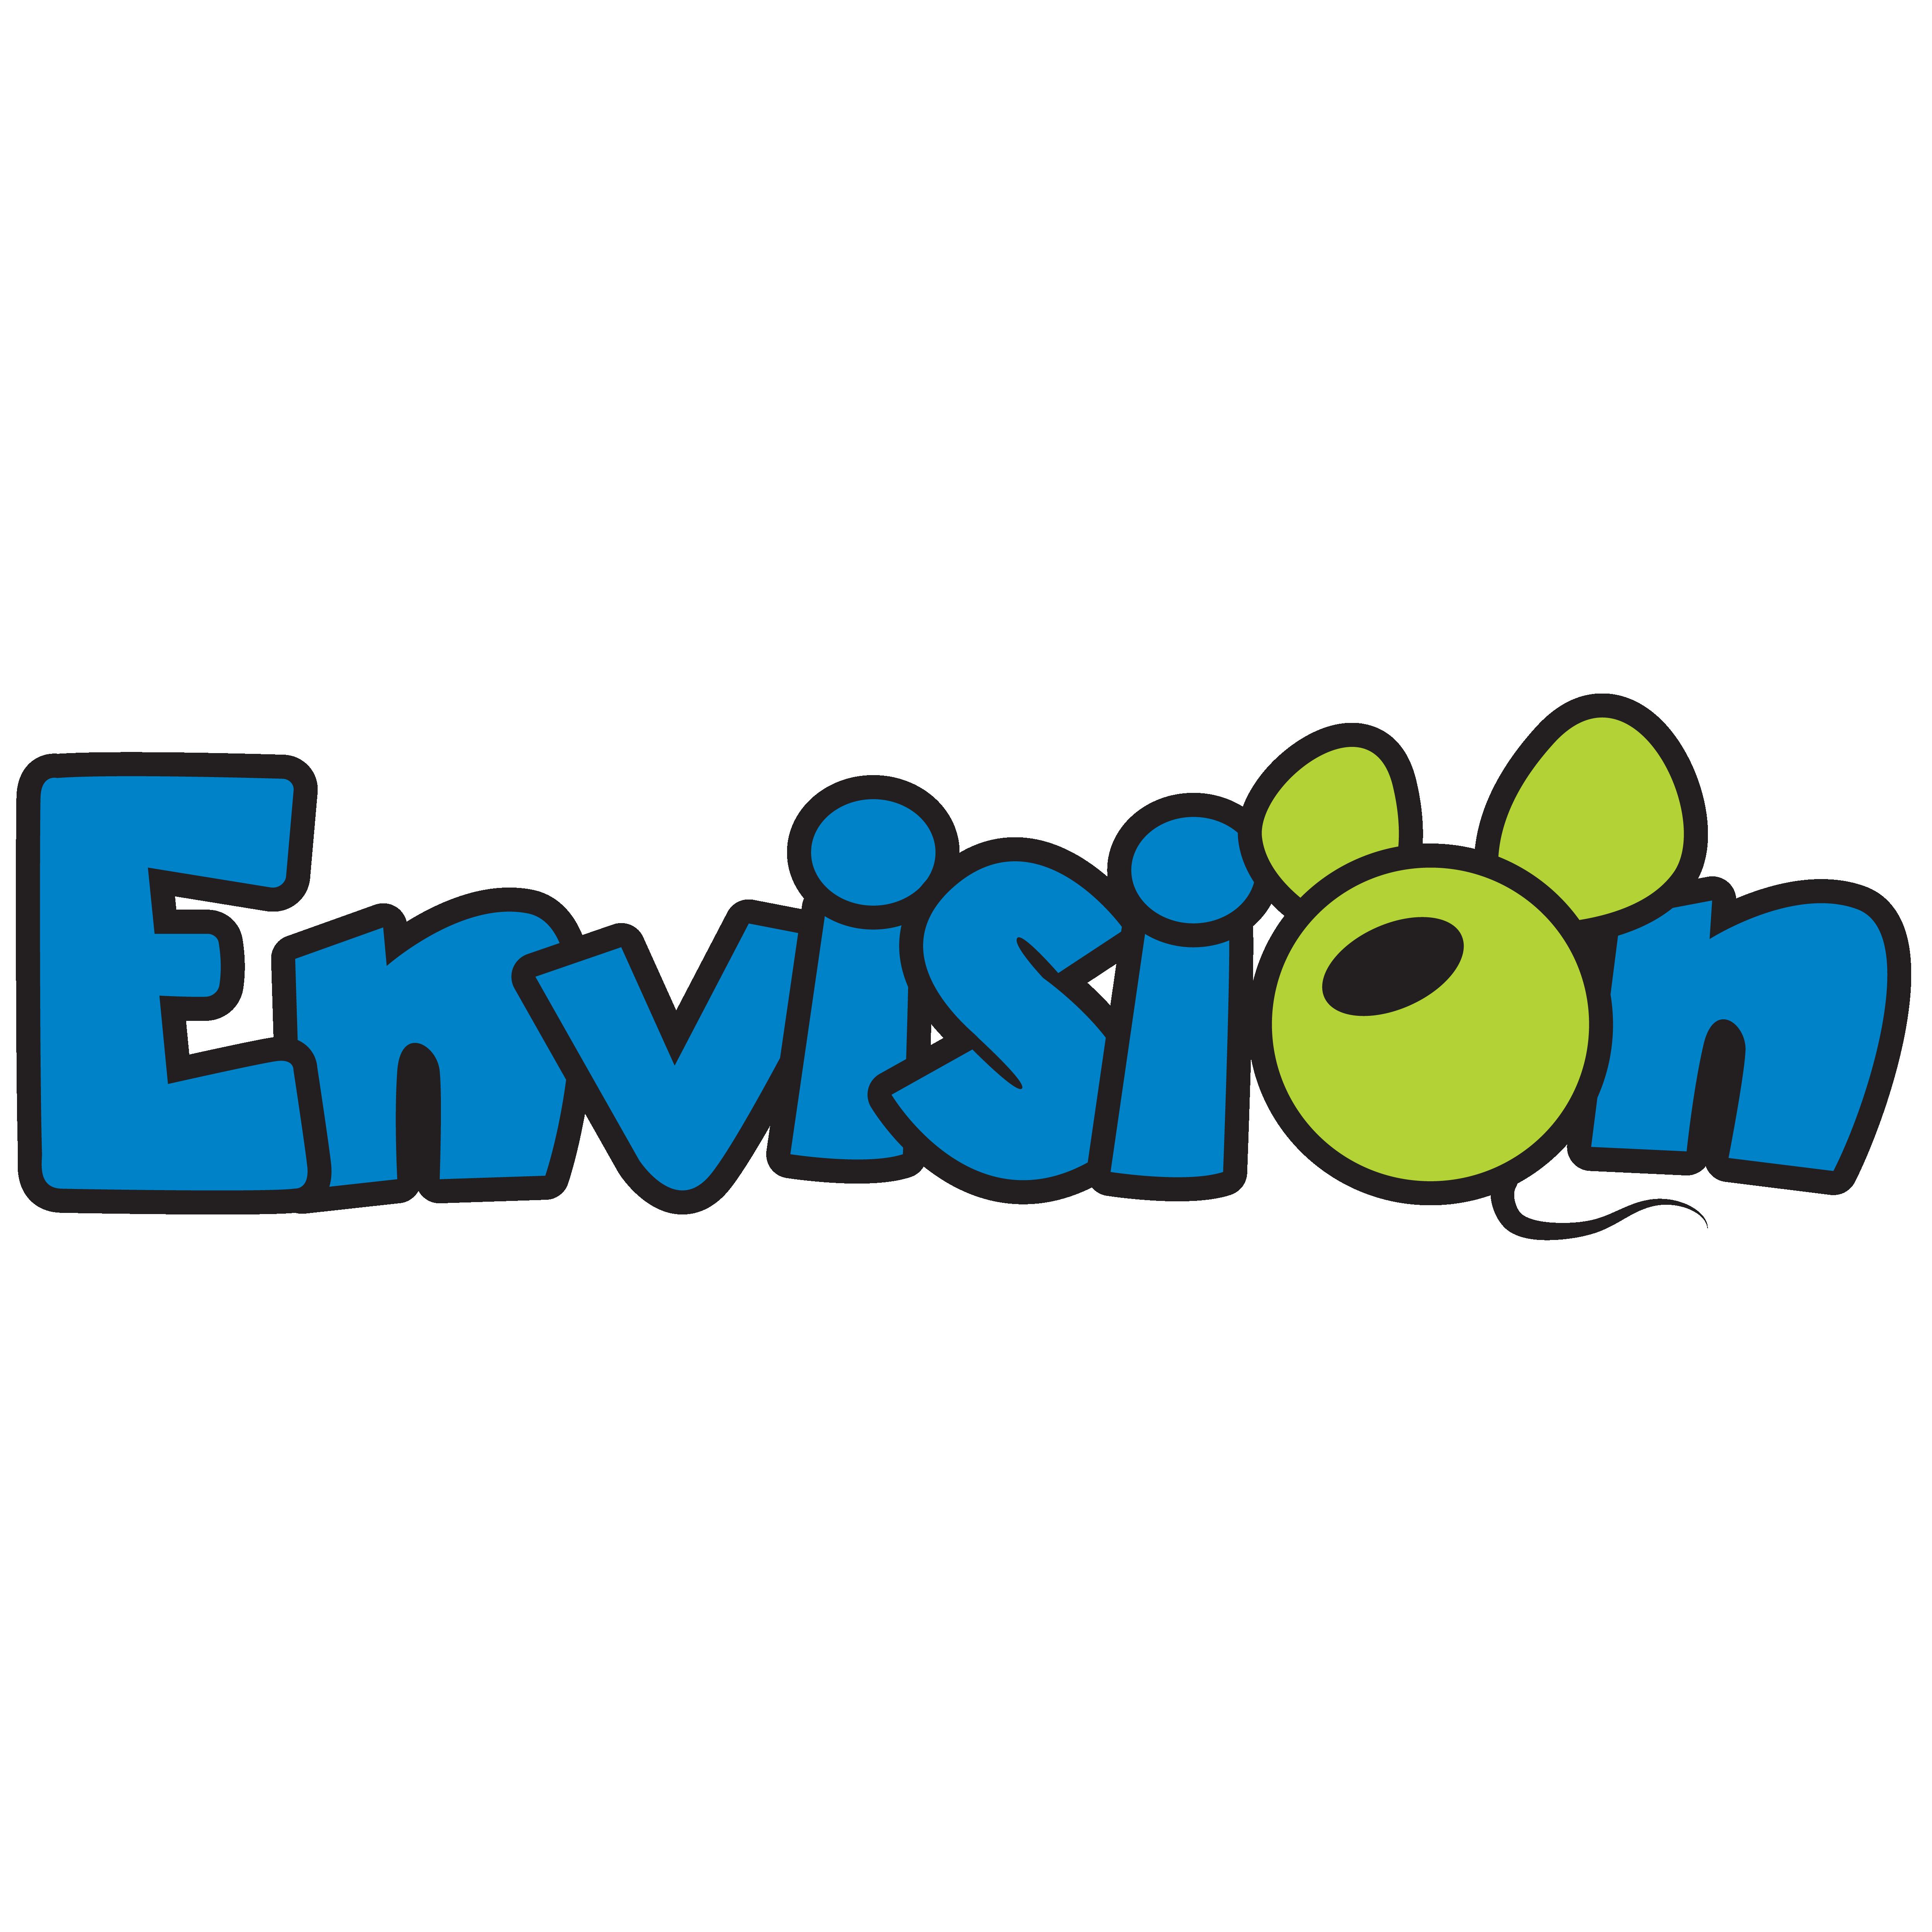 envision-01